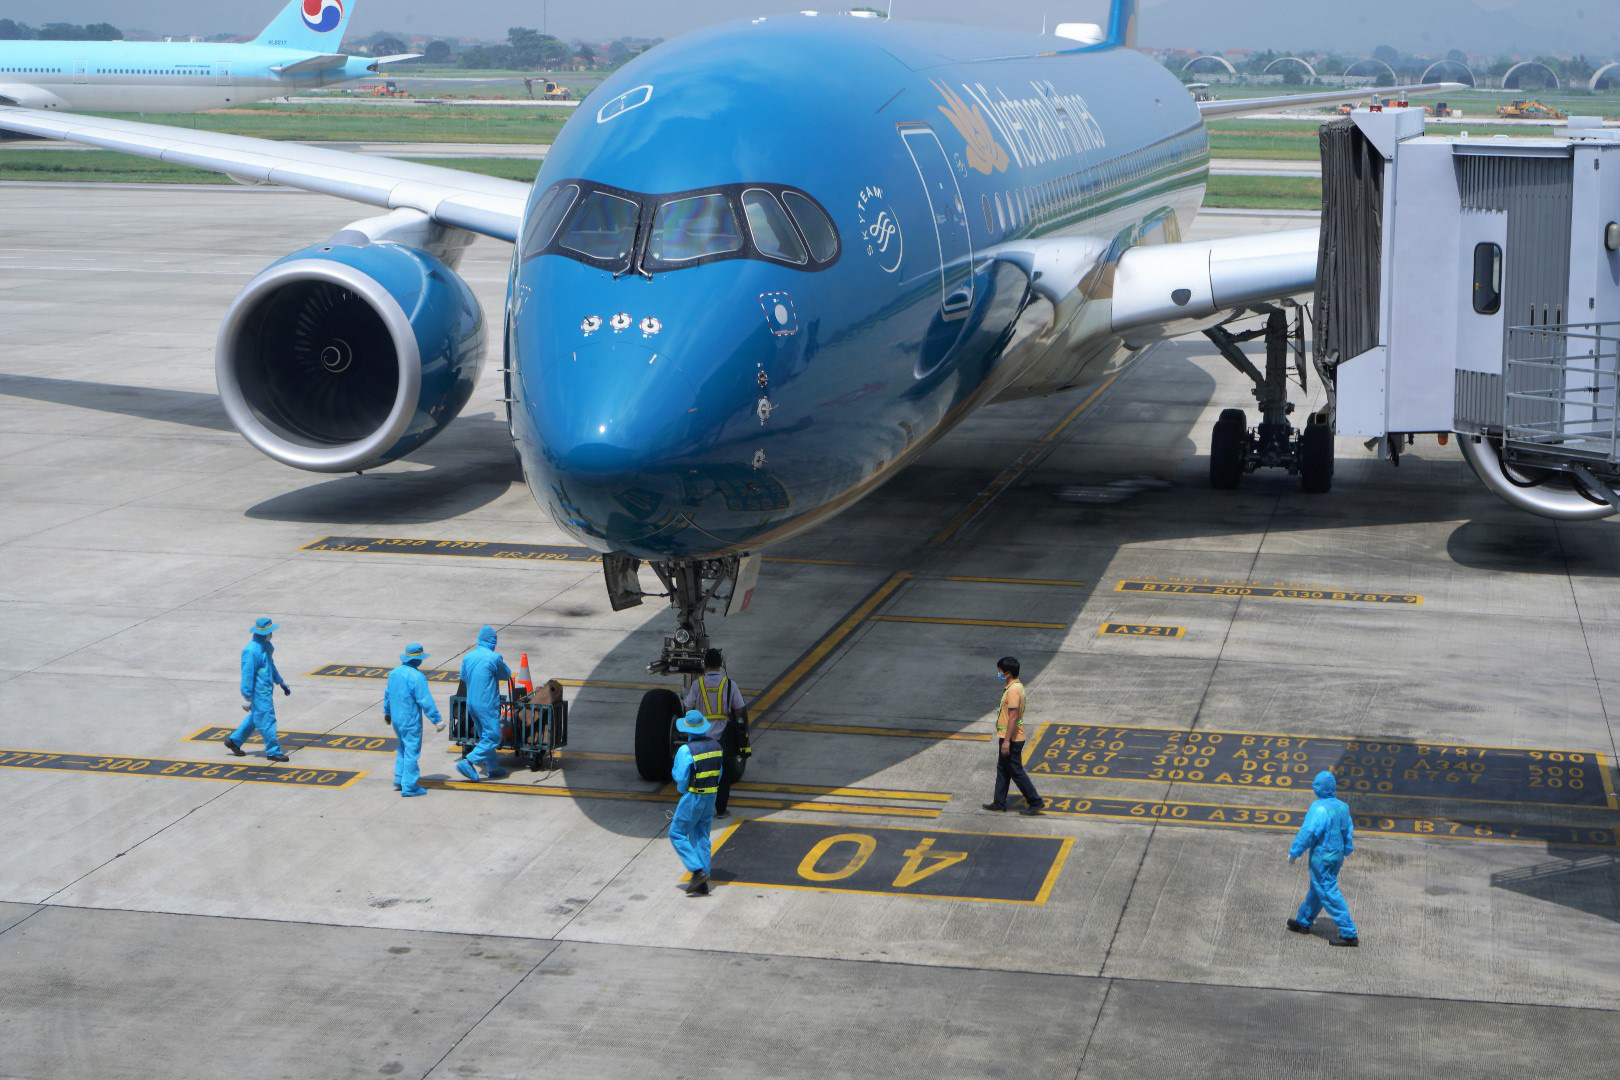 Chuyến bay quốc tế đầu tiên sau dịch Covid-19 có gì đặc biệt? - Ảnh 2.